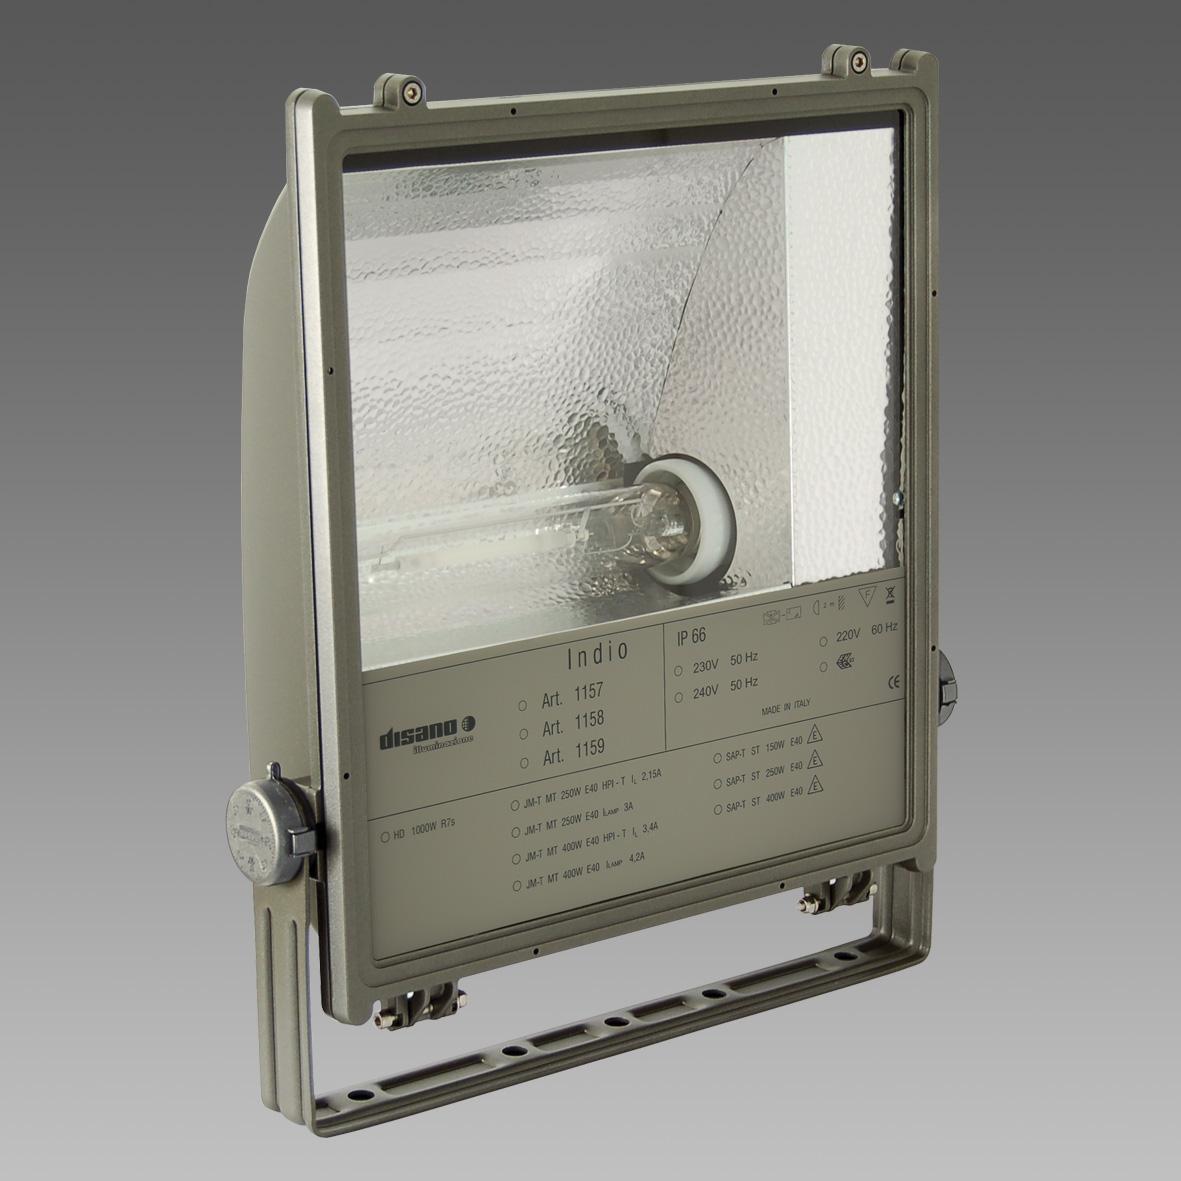 INDIO-AS 1159 SAP-T 250 CNR-L GRAFITE